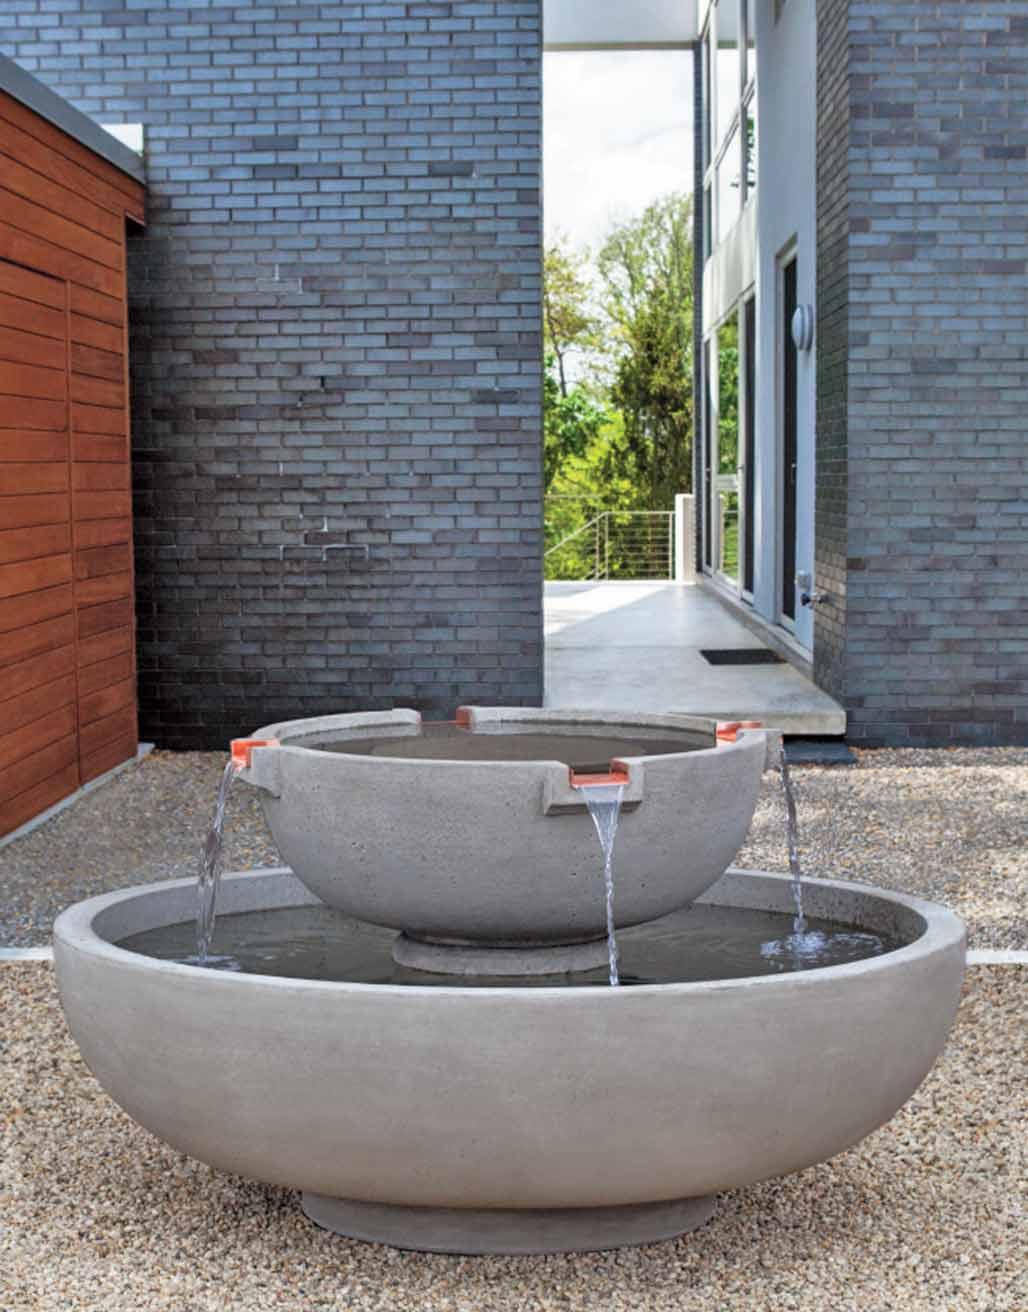 del-rey-fountain-installation in gravel courtyard